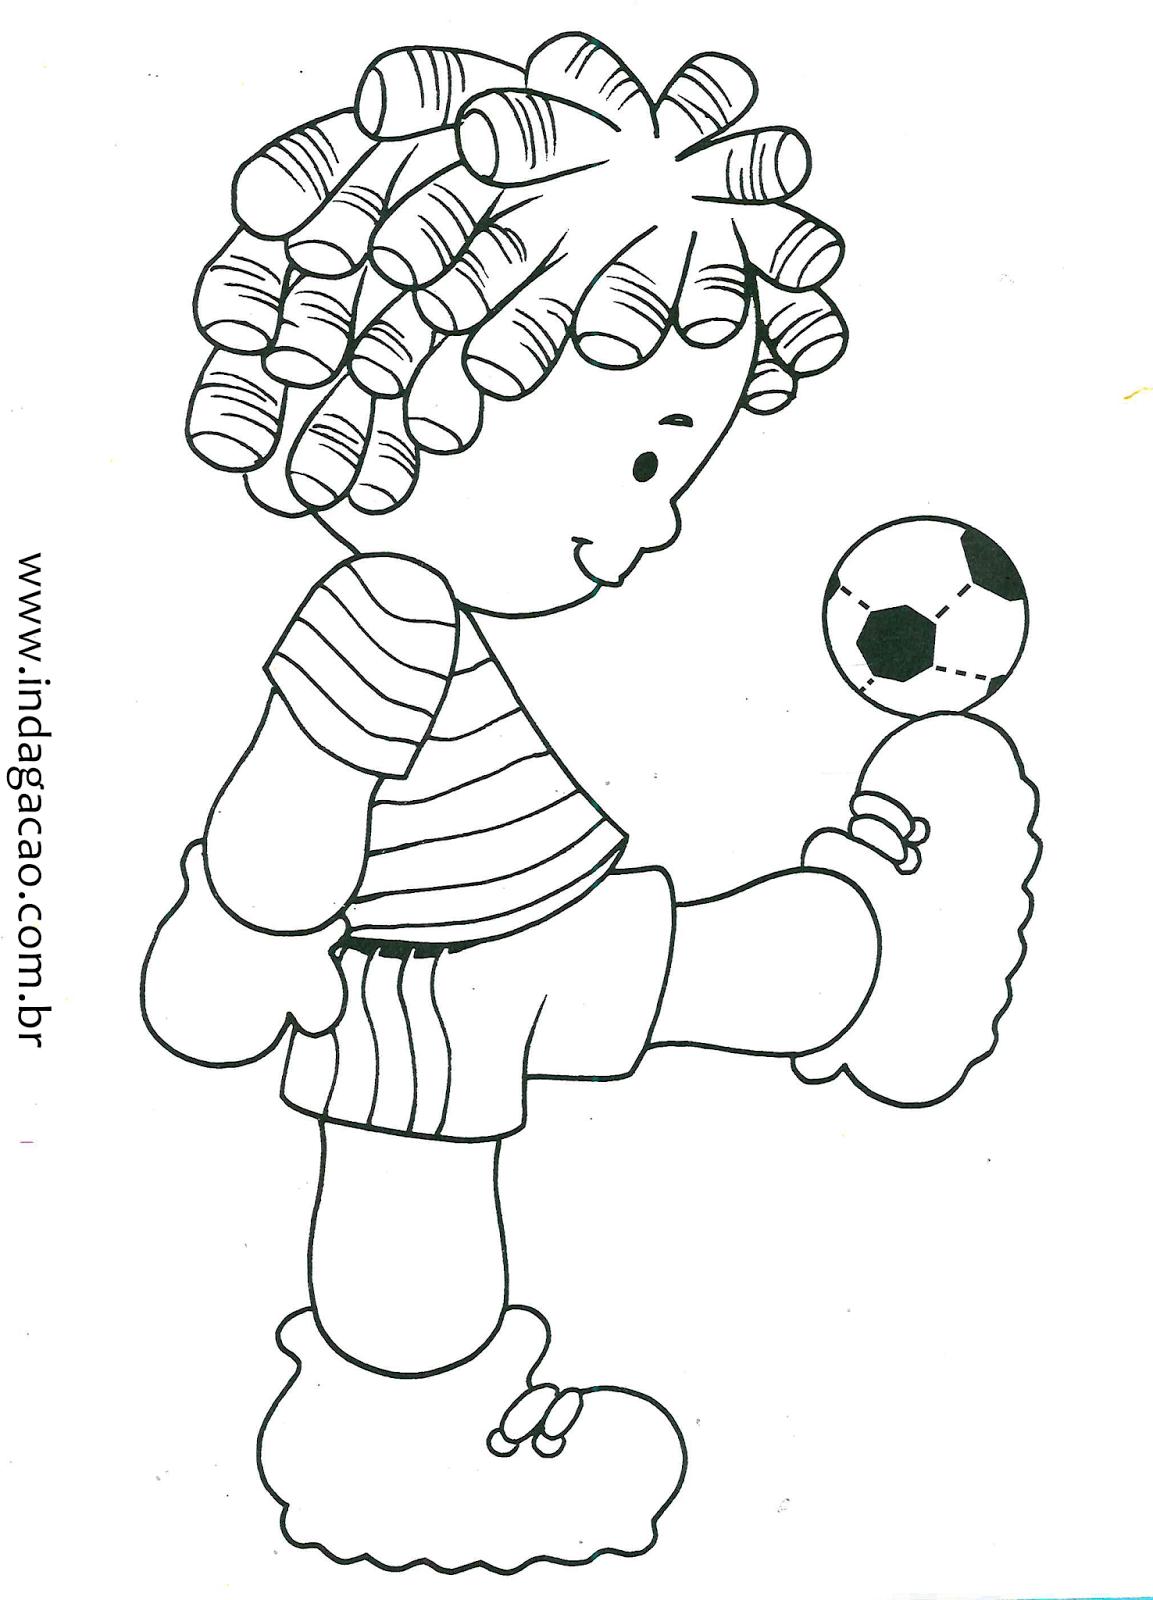 Desenho De Menino Brincando Com Bola Para Colorir Baixar